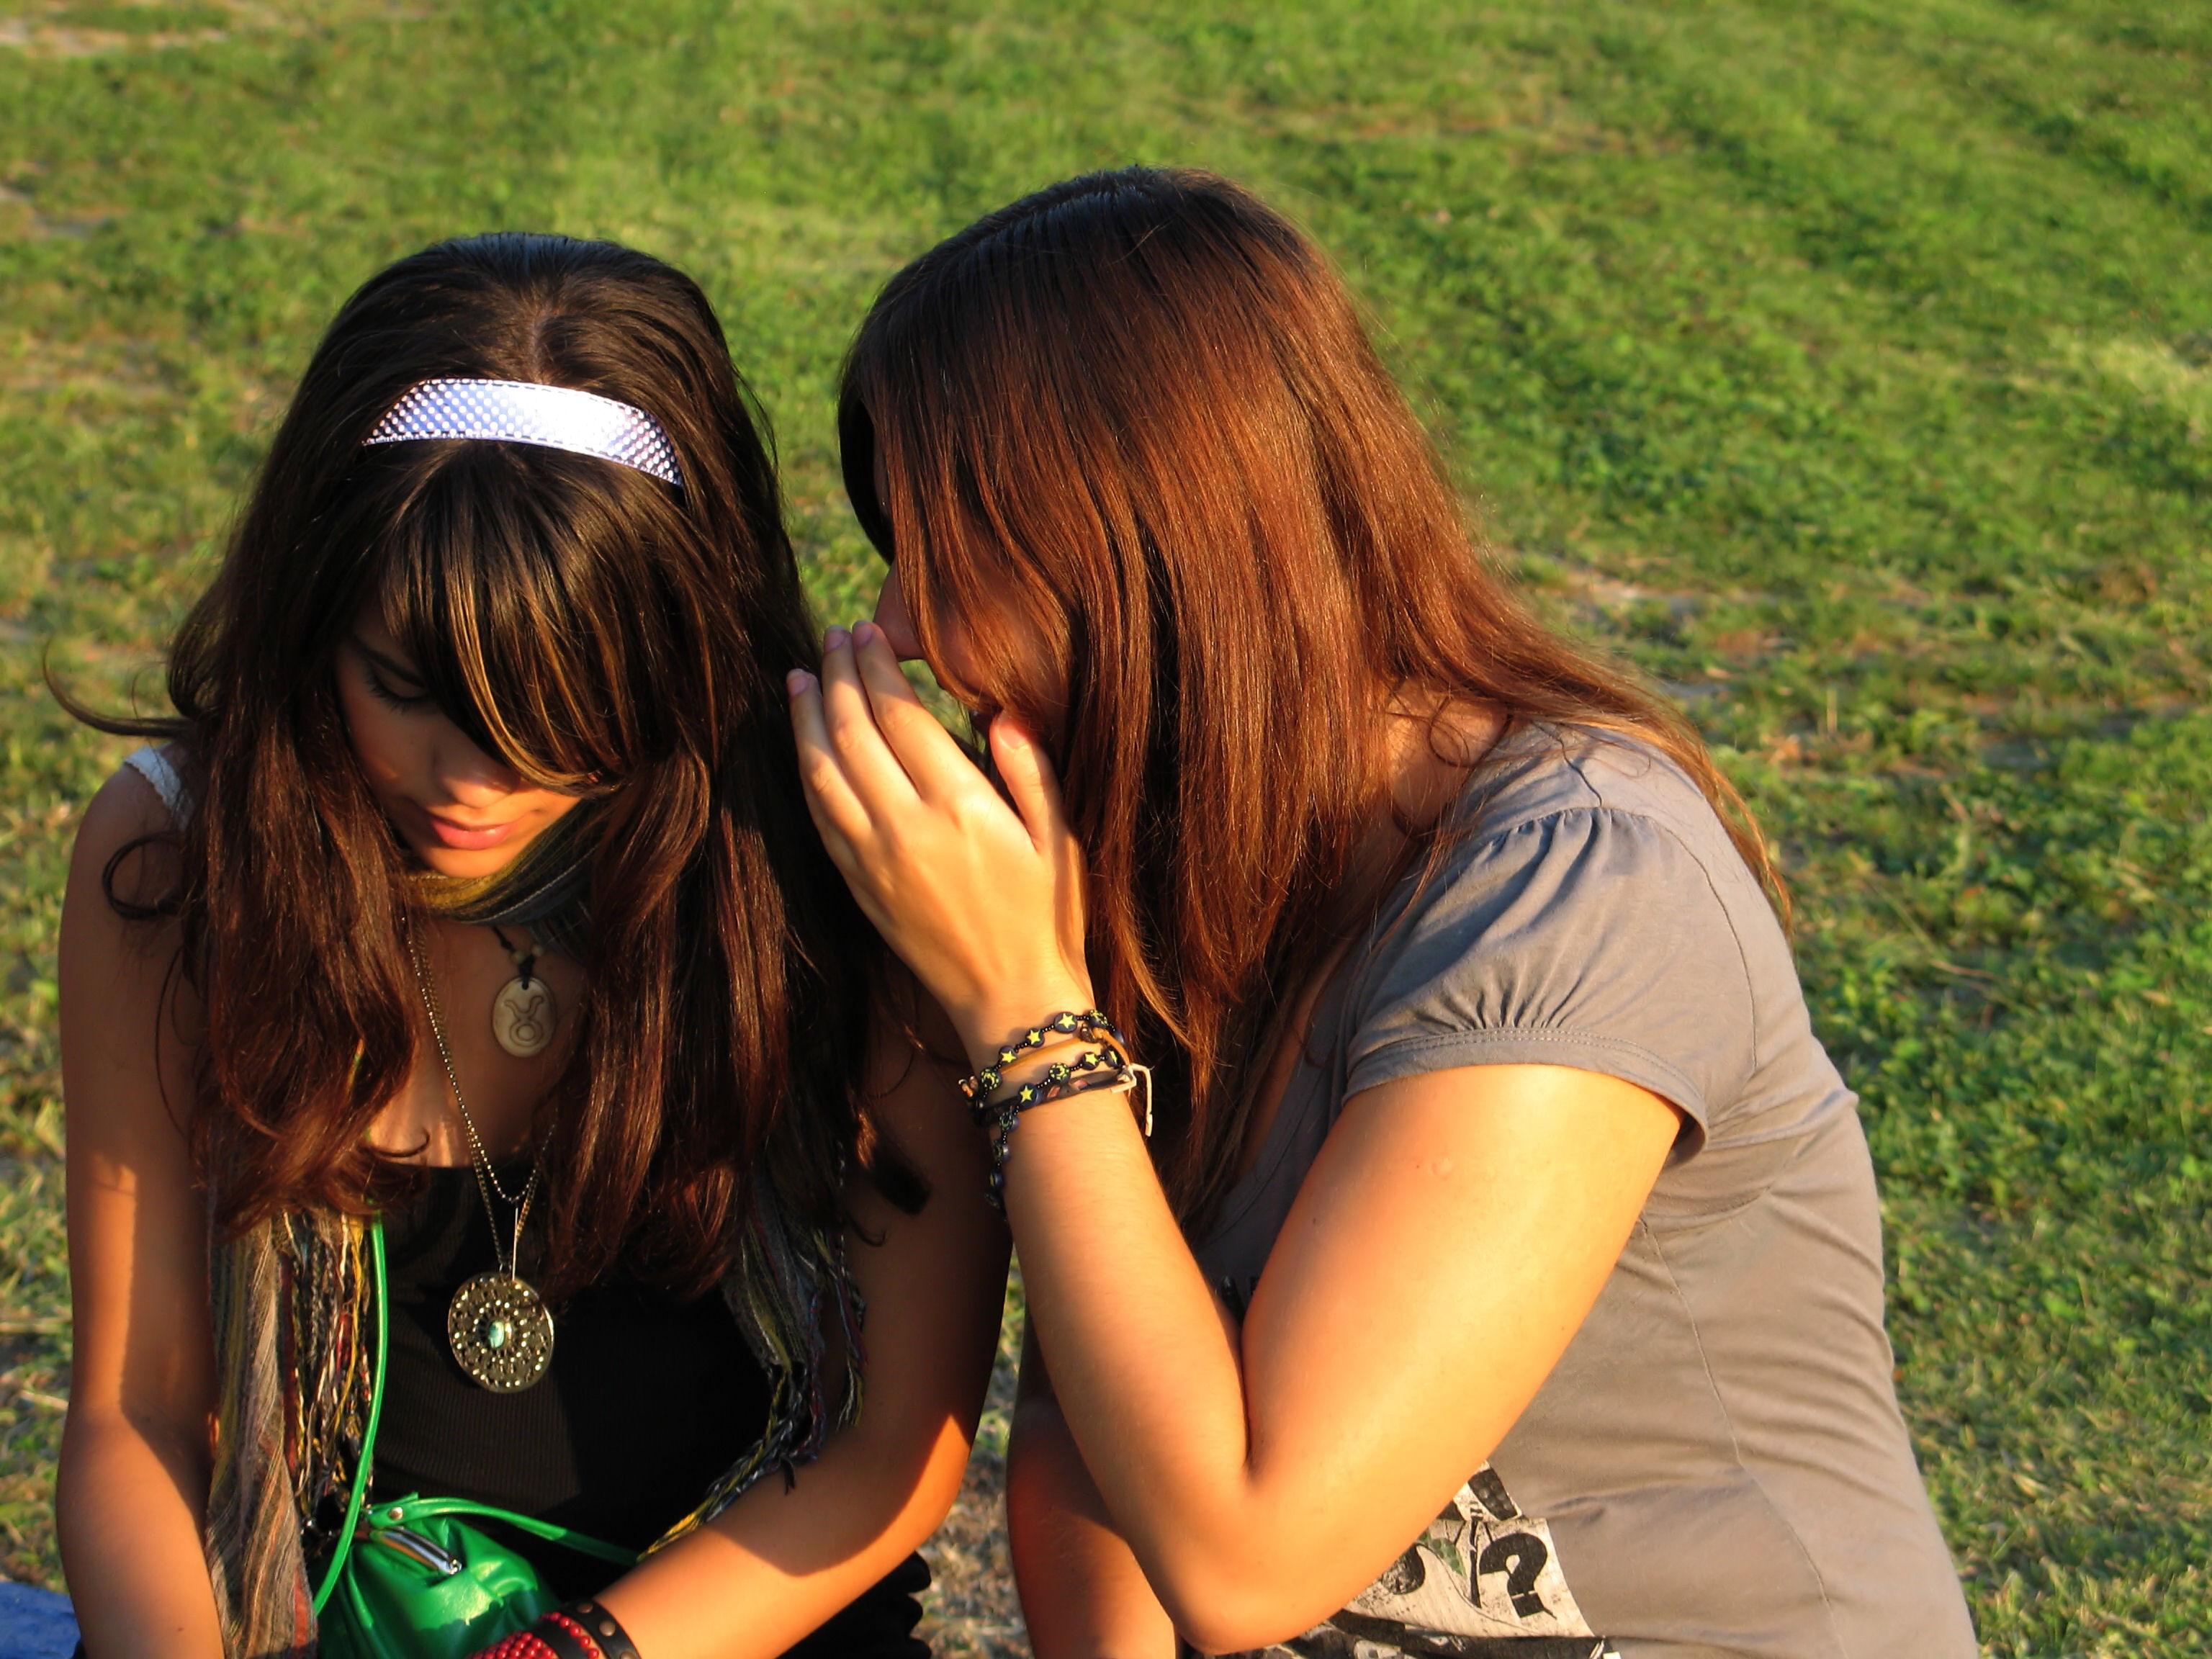 молодежь картинки два года дружбы узнать